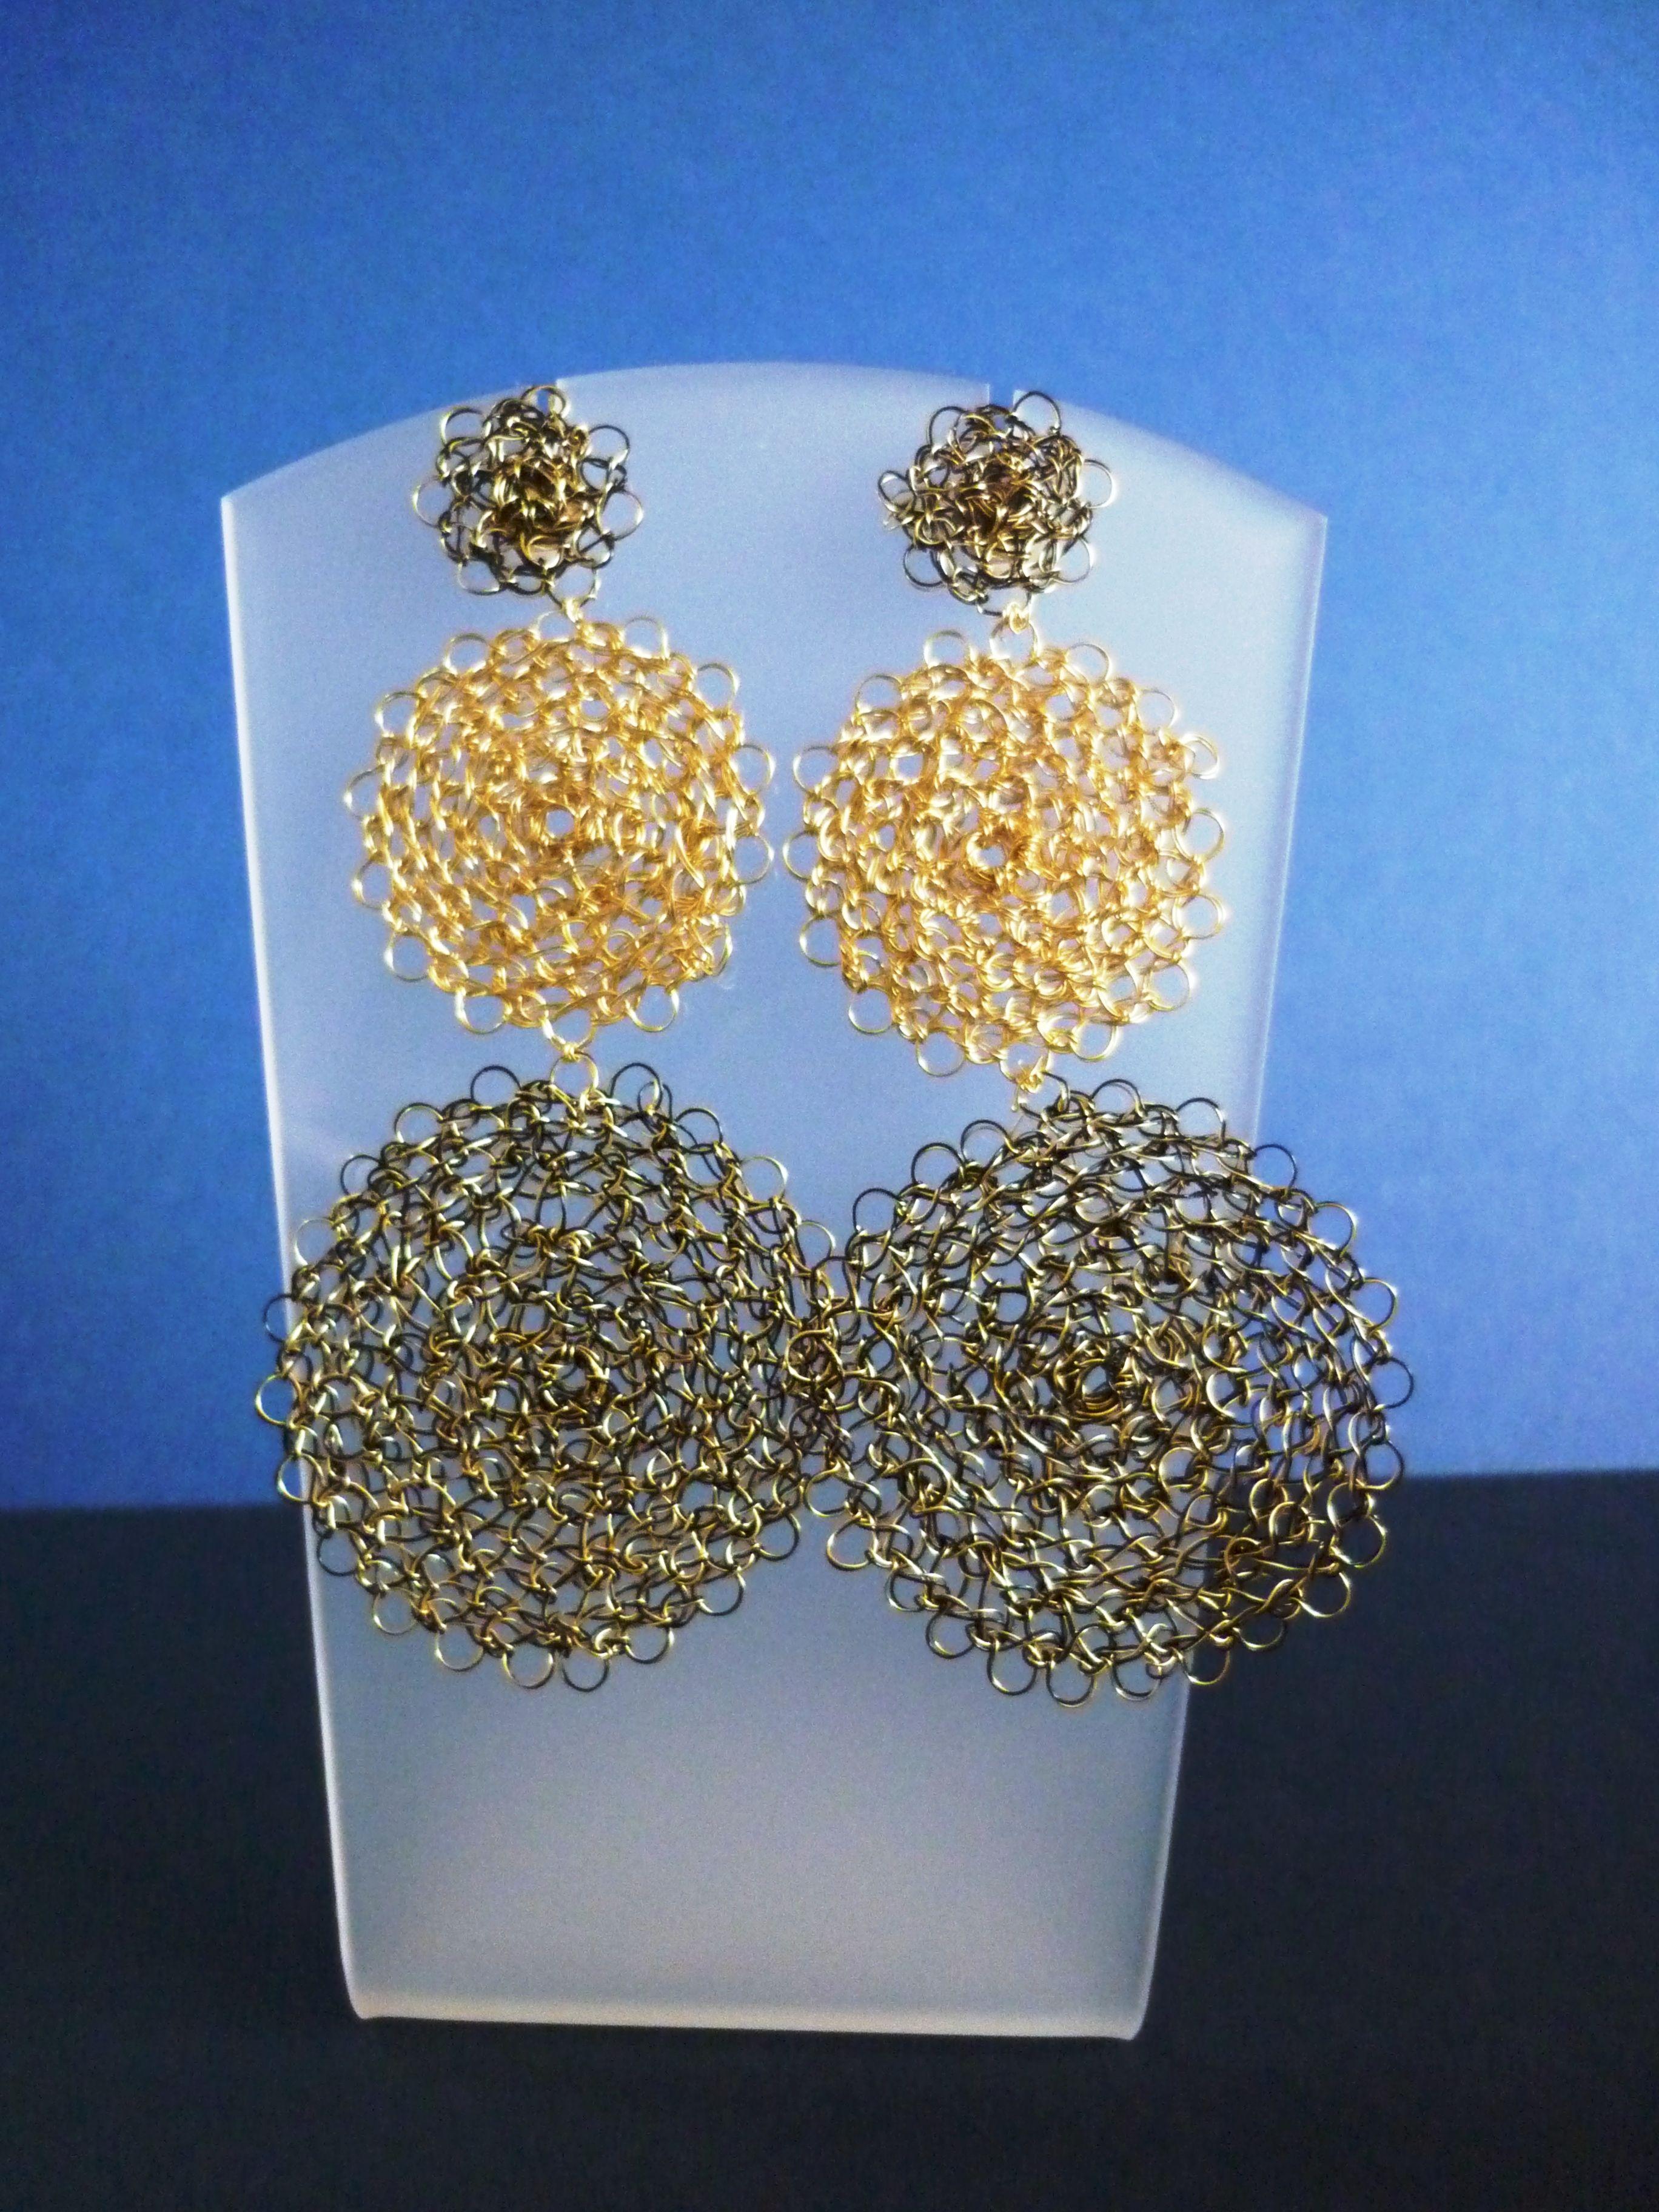 Aretes Tejidos en hilo de cobre dorado y negro | joyas | Pinterest